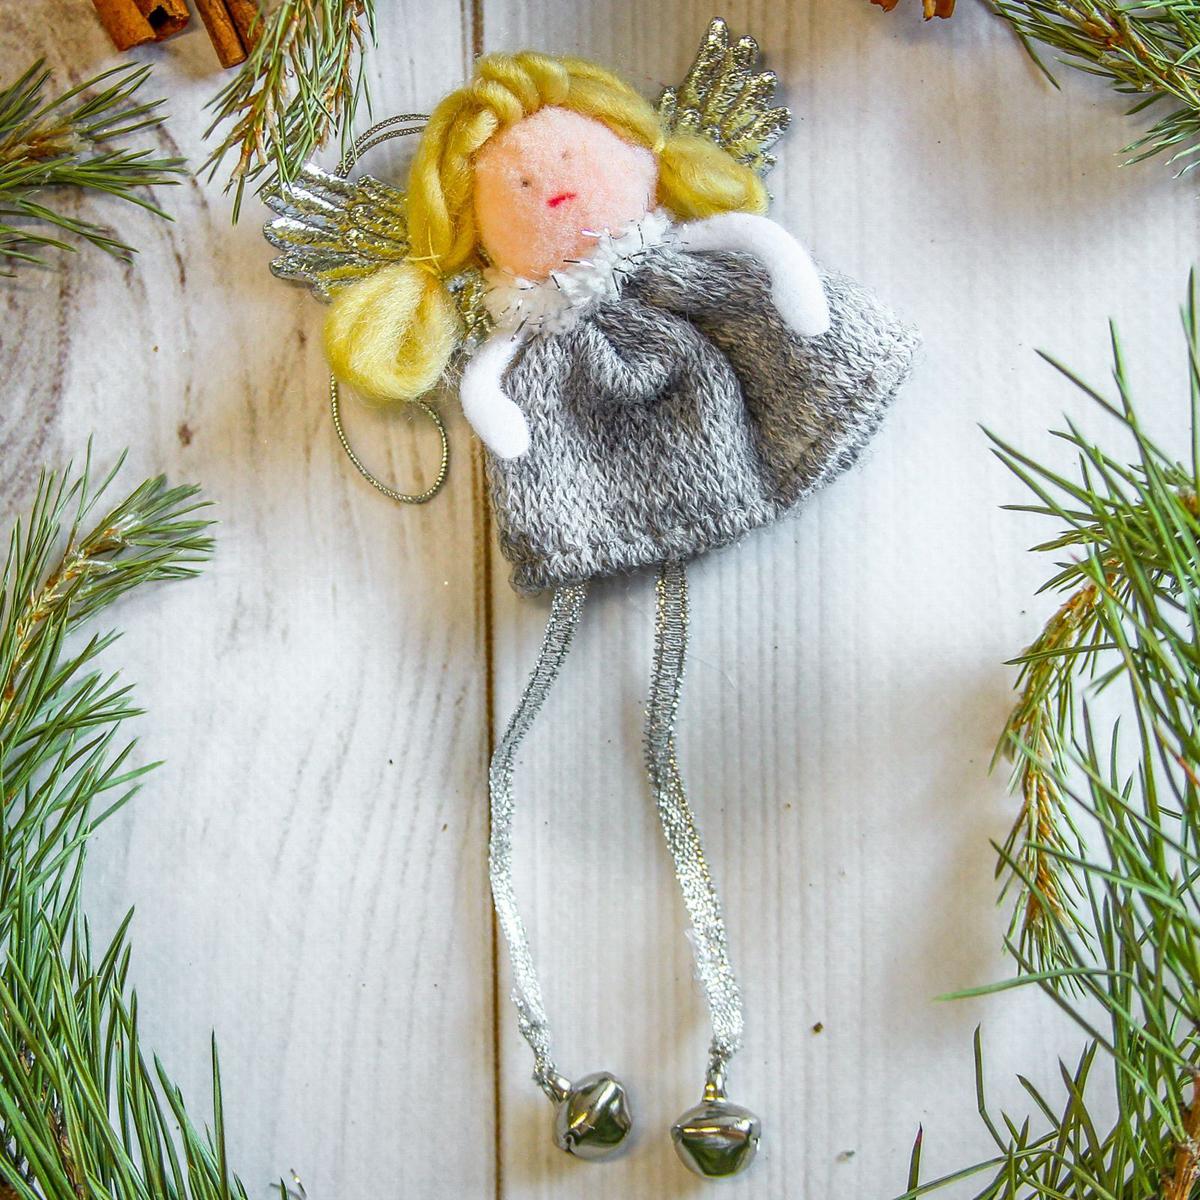 Украшение новогоднее подвесное Девочка, 6 х 7 см2357055Новогоднее украшение ручной работы отлично подойдет для декорации вашего дома и новогодней ели. С помощью специальной петельки украшение можно повесить в любом понравившемся вам месте. Но, конечно, удачнее всего оно будет смотреться на праздничной елке.Елочная игрушка - символ Нового года. Она несет в себе волшебство и красоту праздника. Такое украшение создаст в вашем доме атмосферу праздника, веселья и радости.